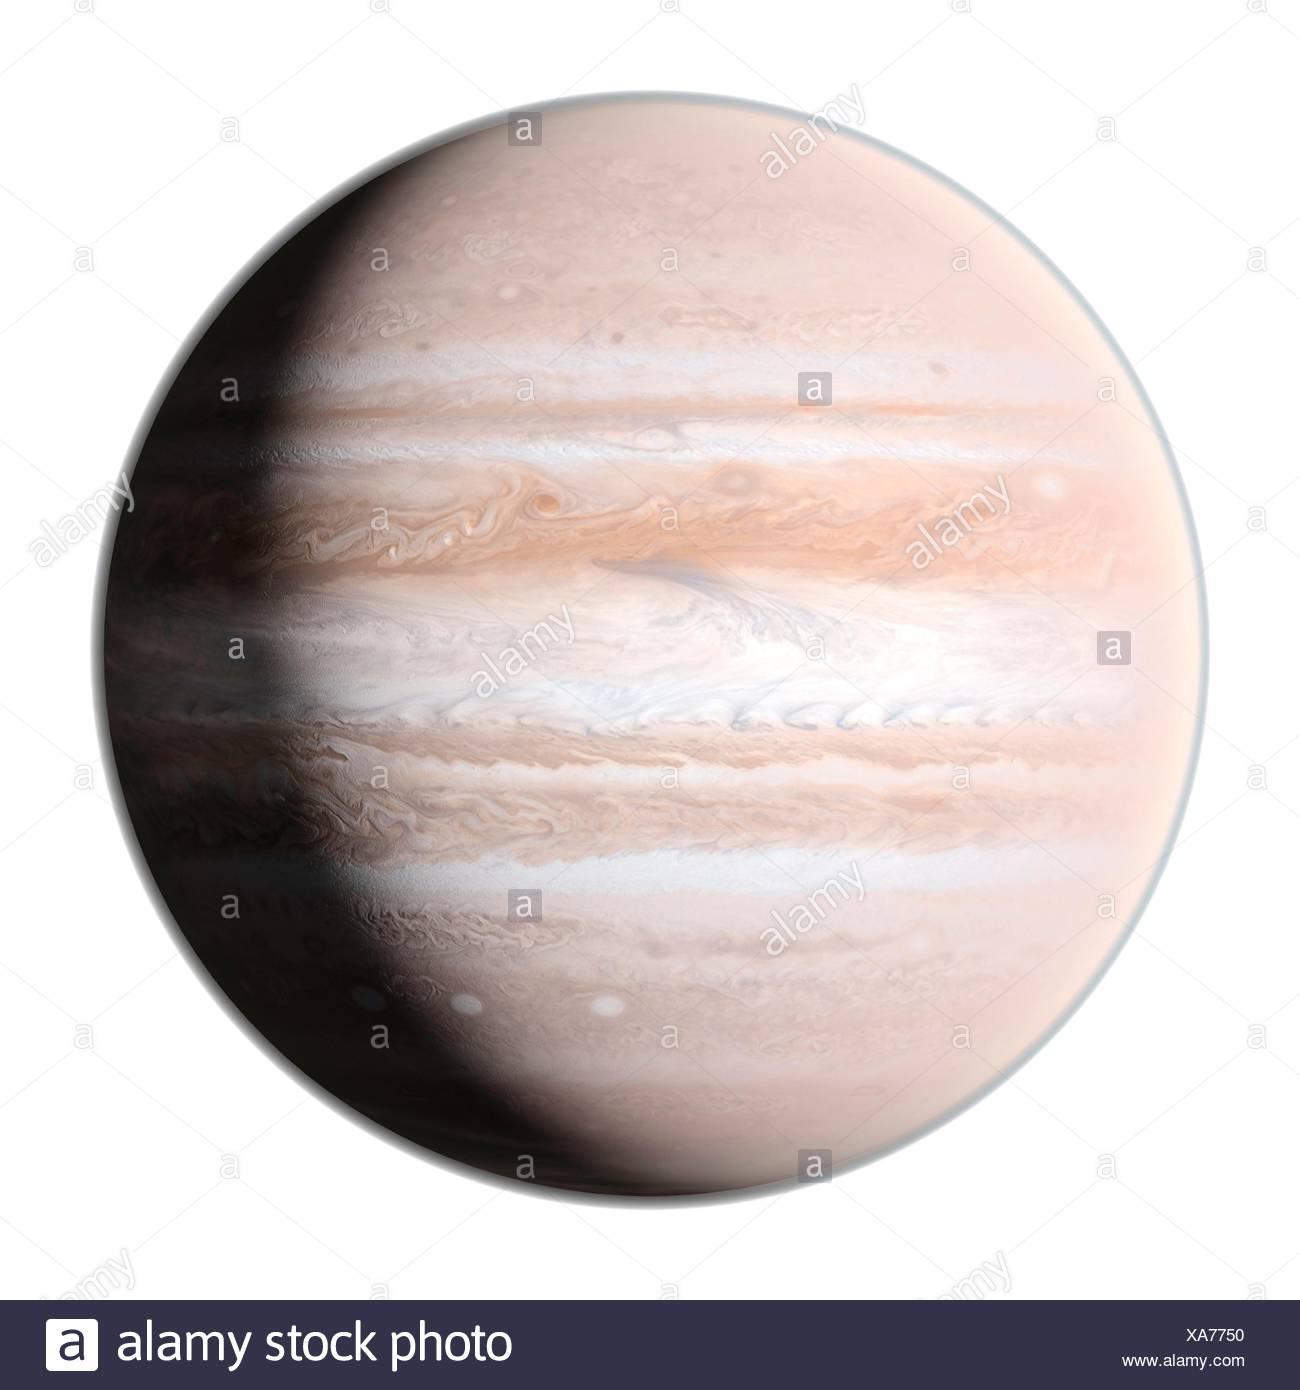 Planet jupiter, computer illustration. - Stock Image